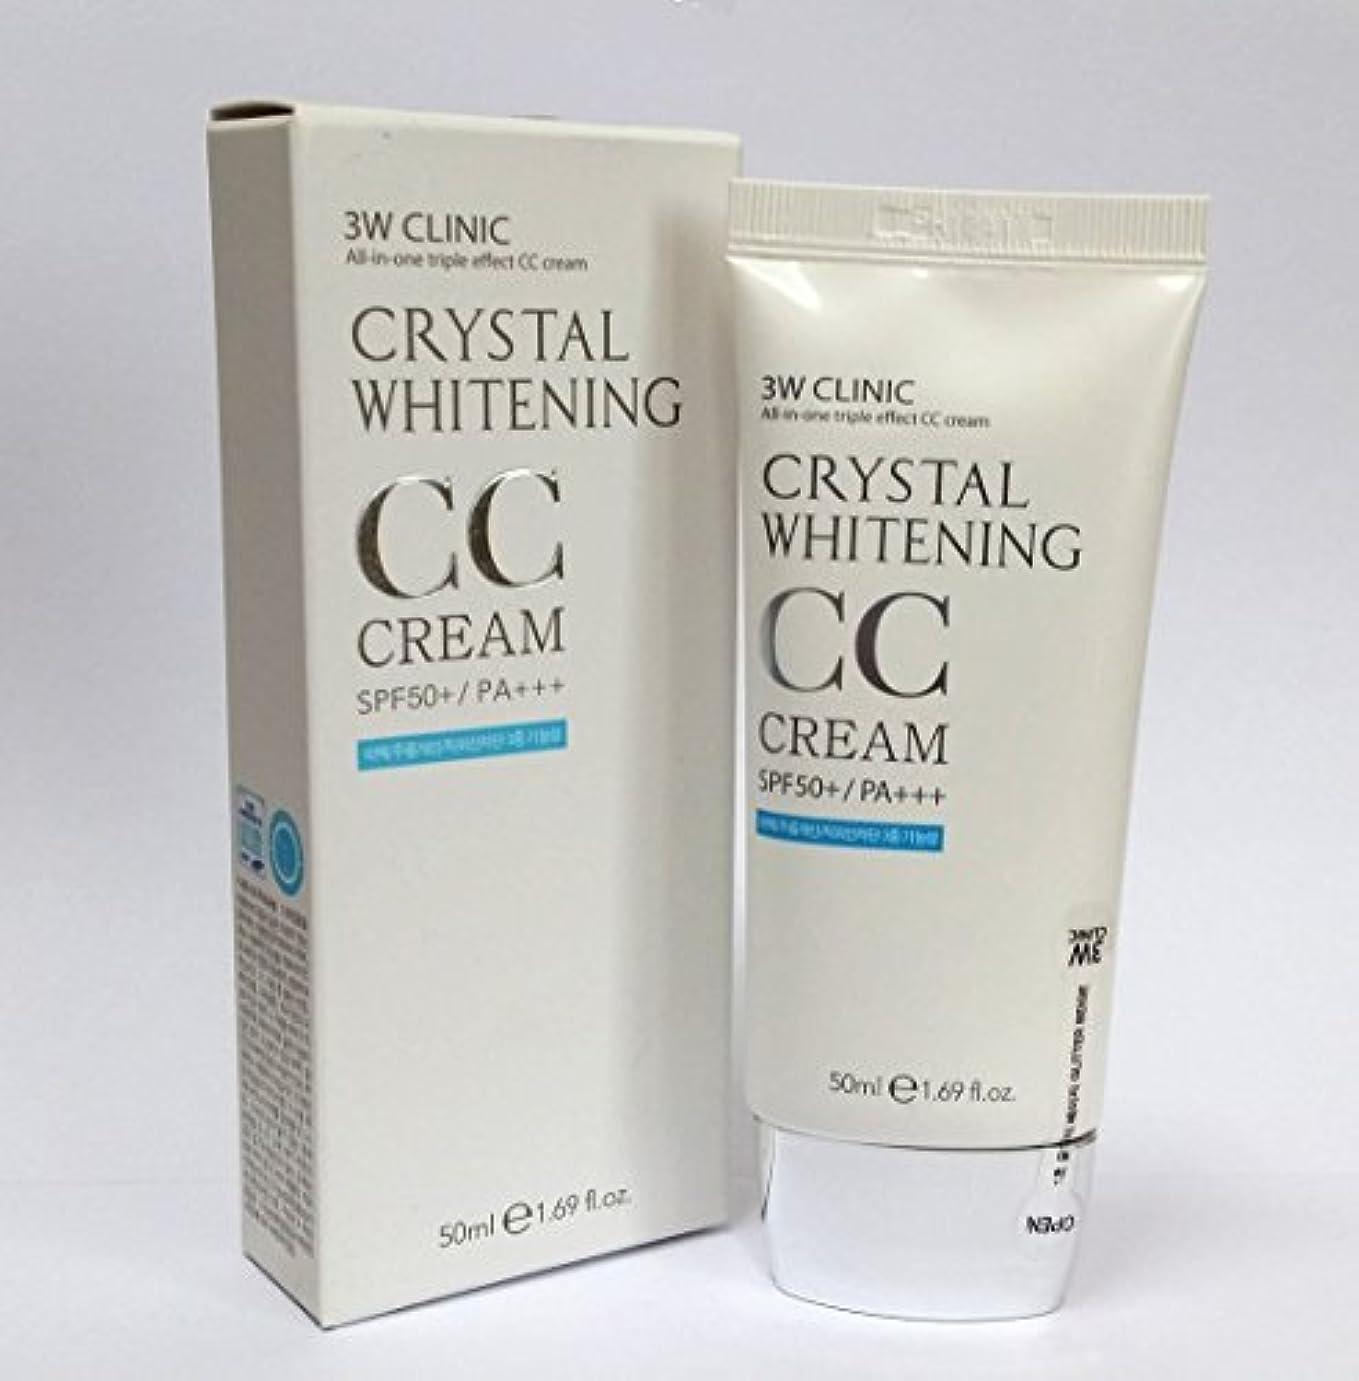 偶然の前者推進[3W CLINIC] クリスタルホワイトニングCCクリーム50ml SPF50 PA +++ / #02 Natural Beige / Crystal Whitening CC Cream 50ml SPF50 PA...